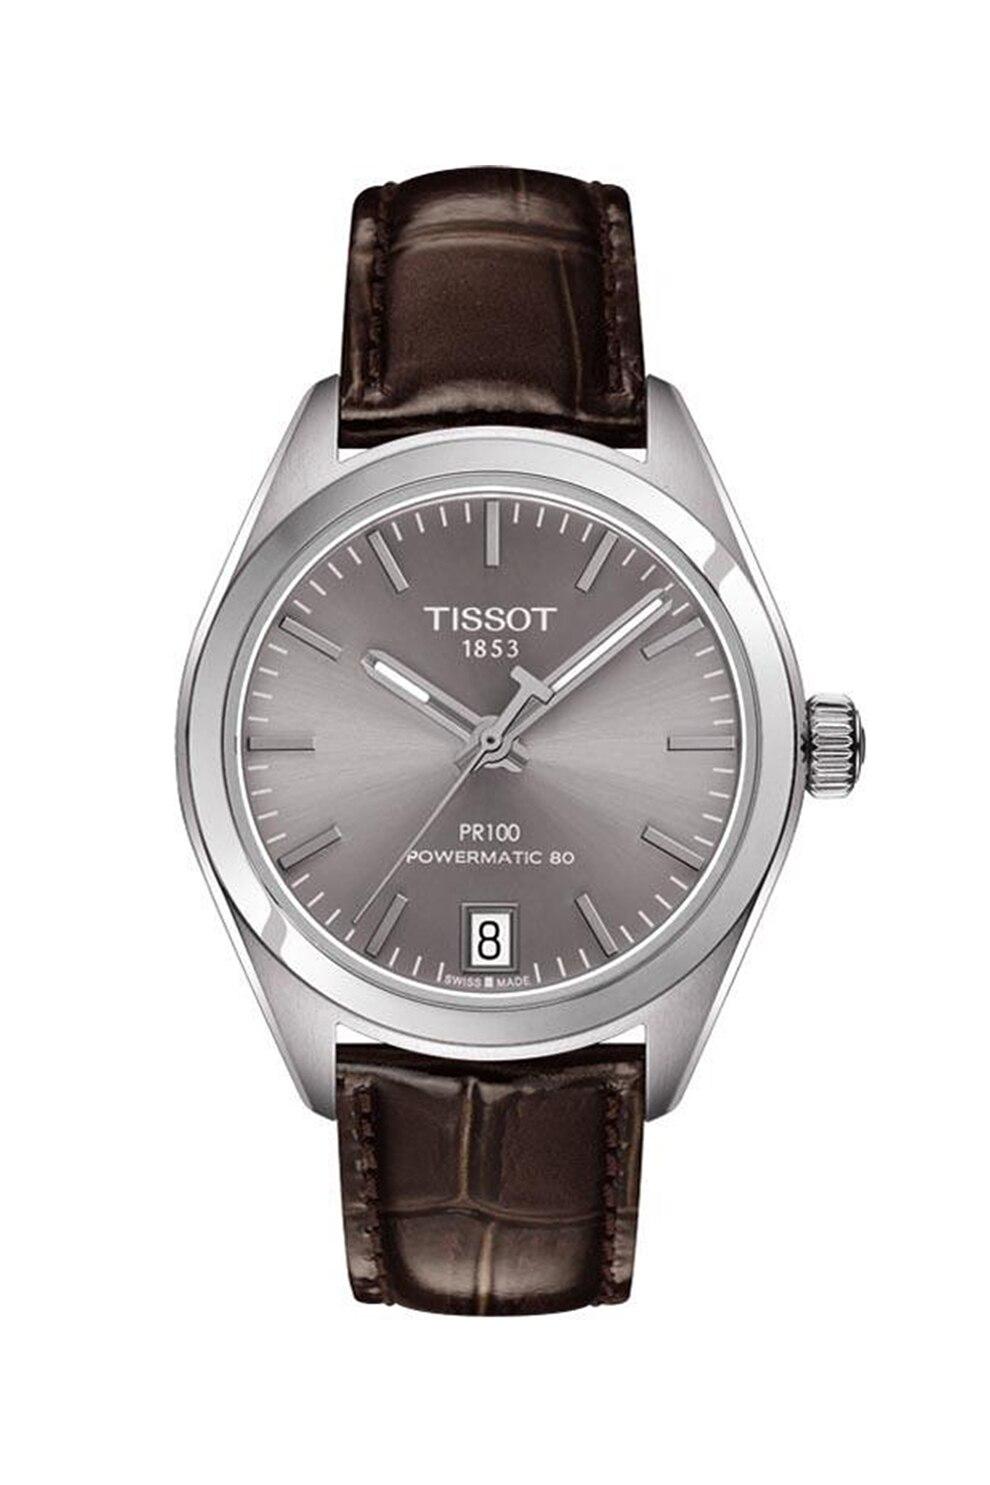 Fotografie Tissot, Ceas analog cu o curea cu aspect de piele de crocodil Powermatic 80, Maro inchis/Argintiu